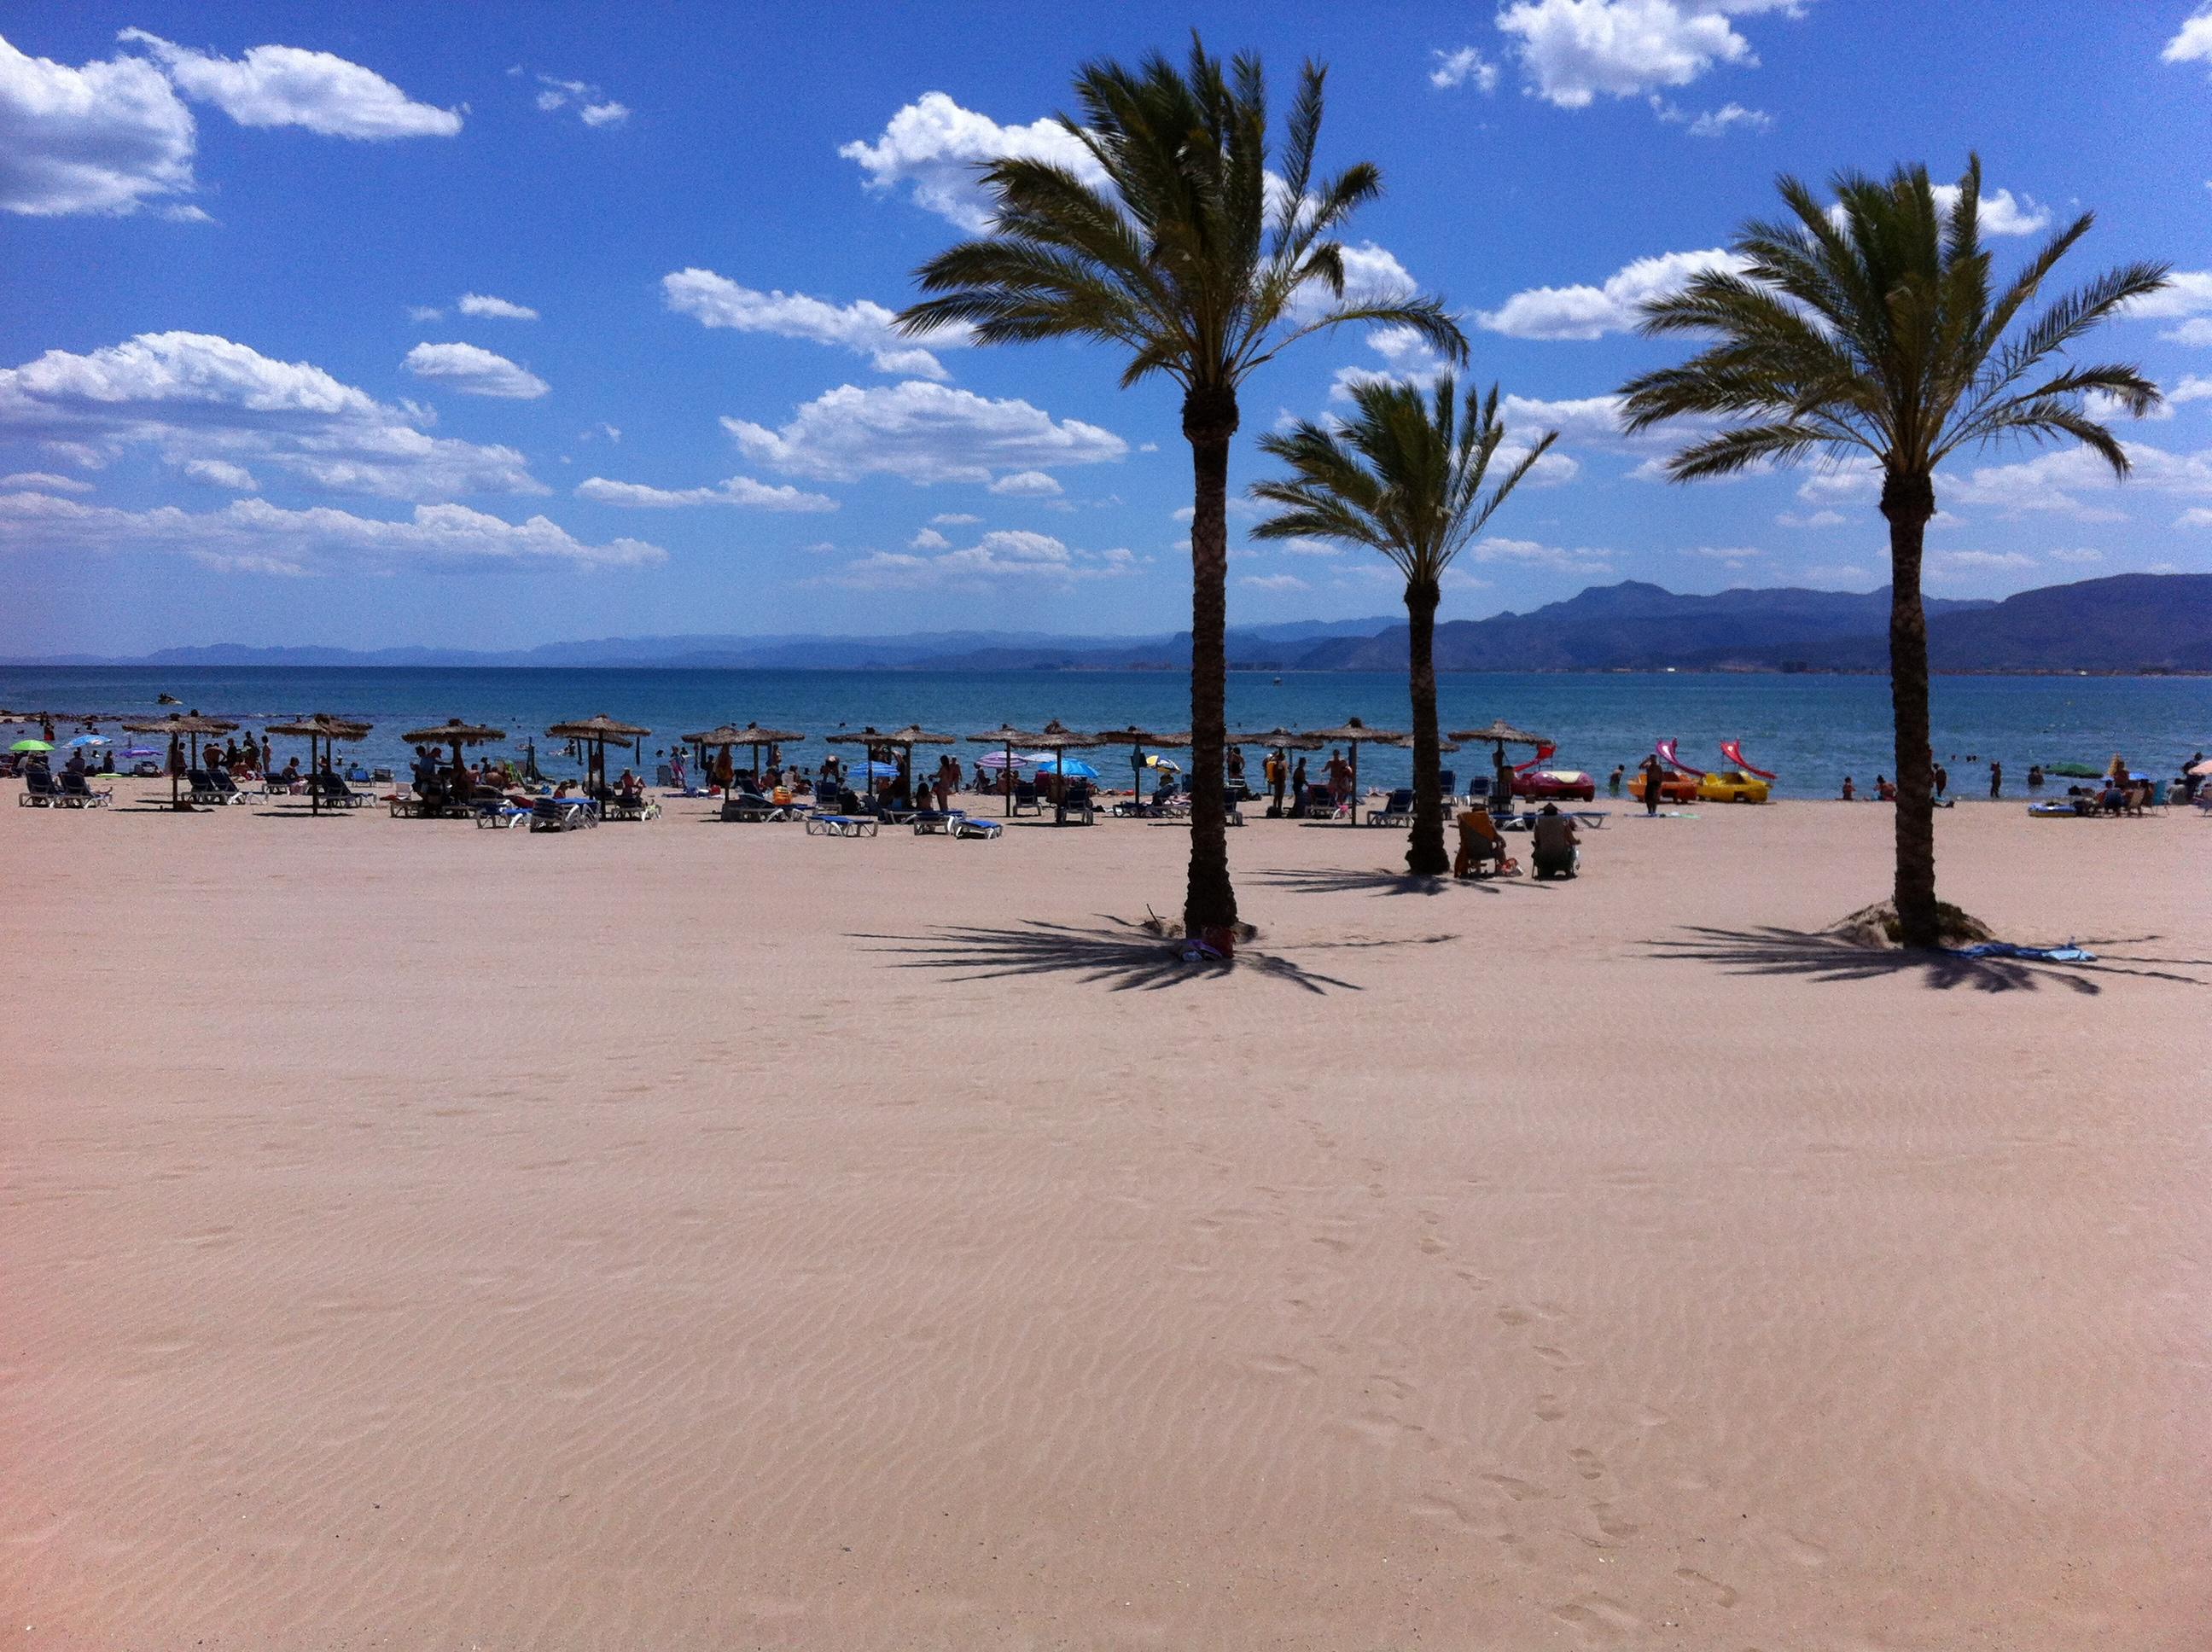 Playa de Los Olivos